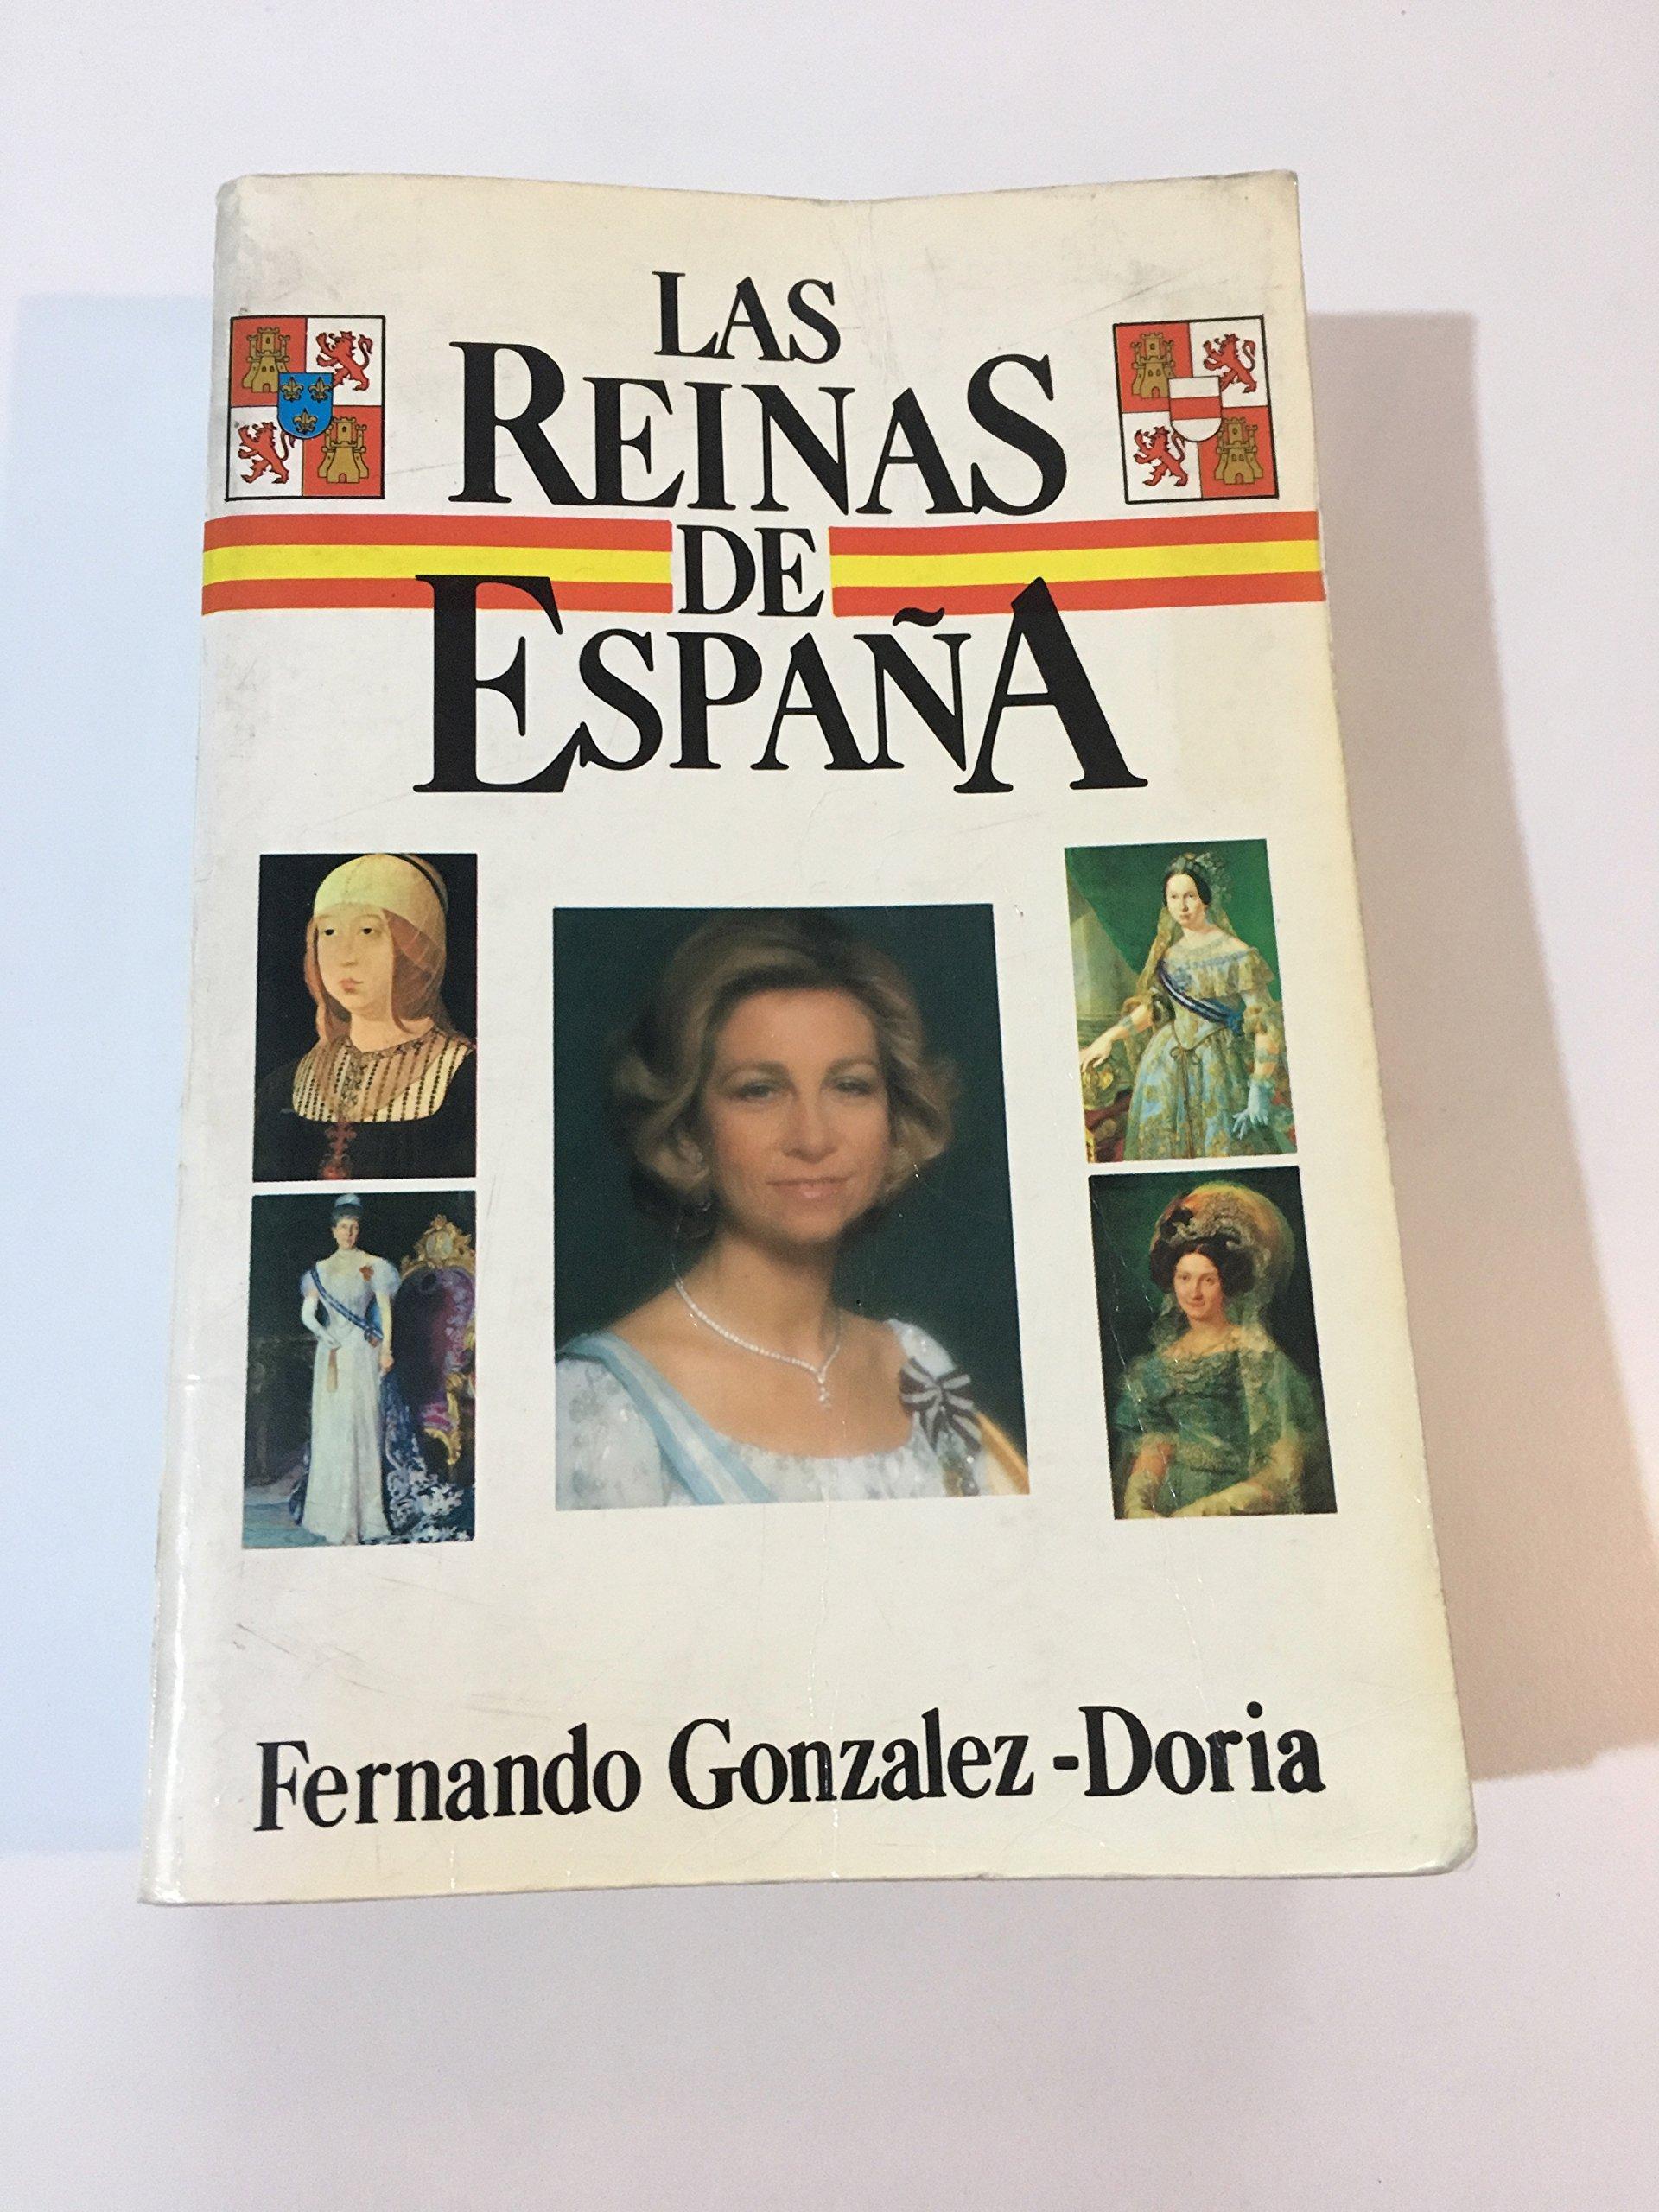 Las reinas de España: Amazon.es: GONZALEZ DORIA, FERNANDO, COMETA: Libros